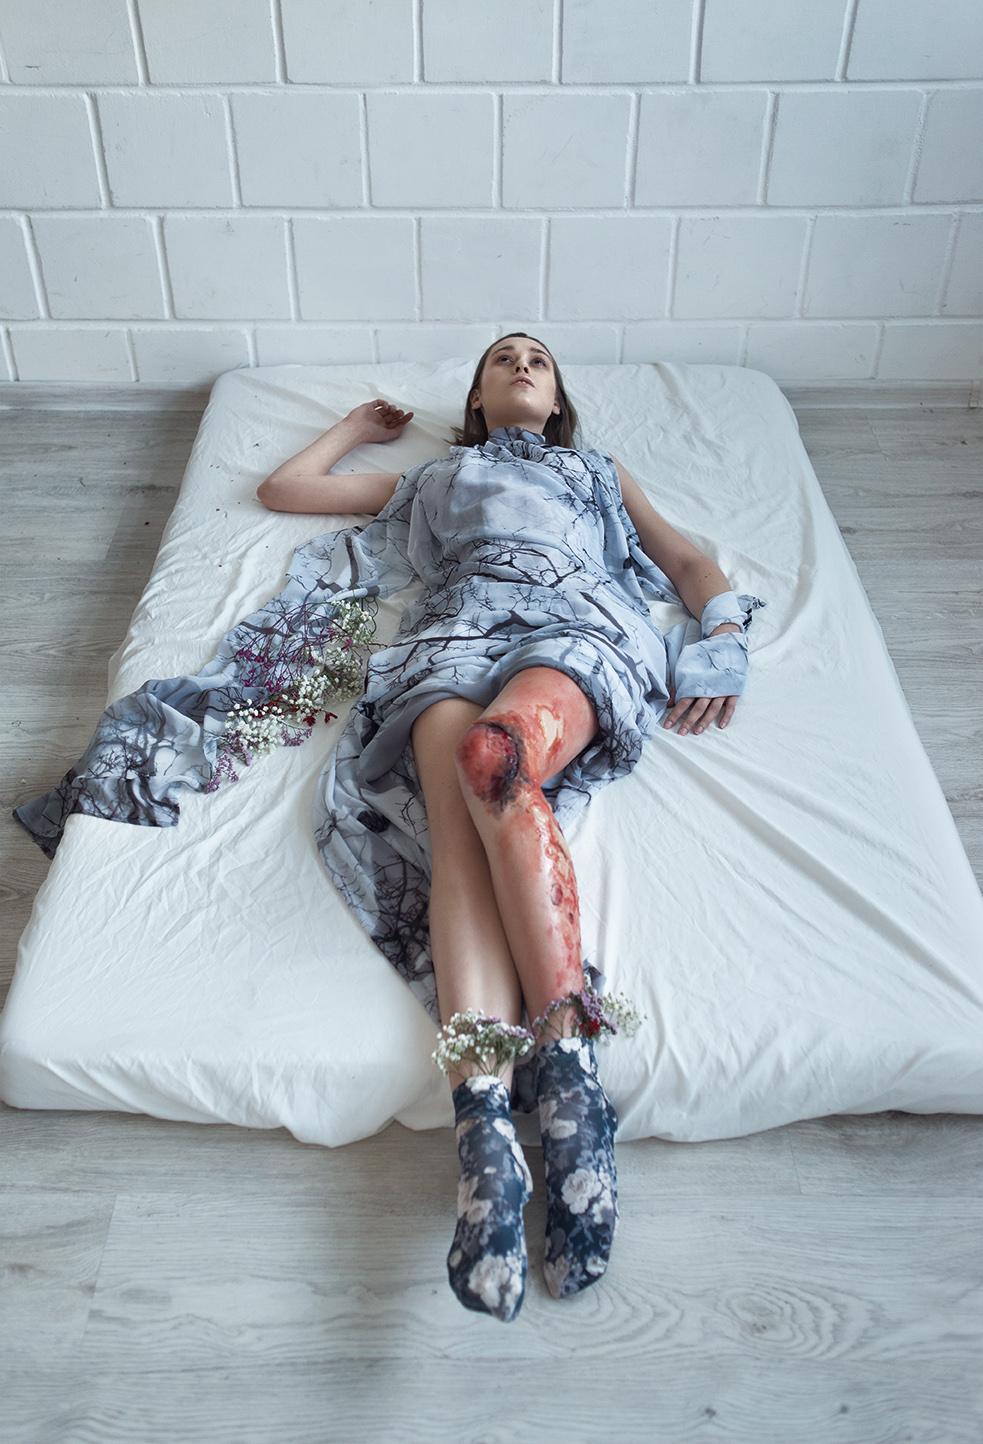 Leżąca na materacu kobieta ubrana w błękitną sukienkę, z zakrawioną nogą